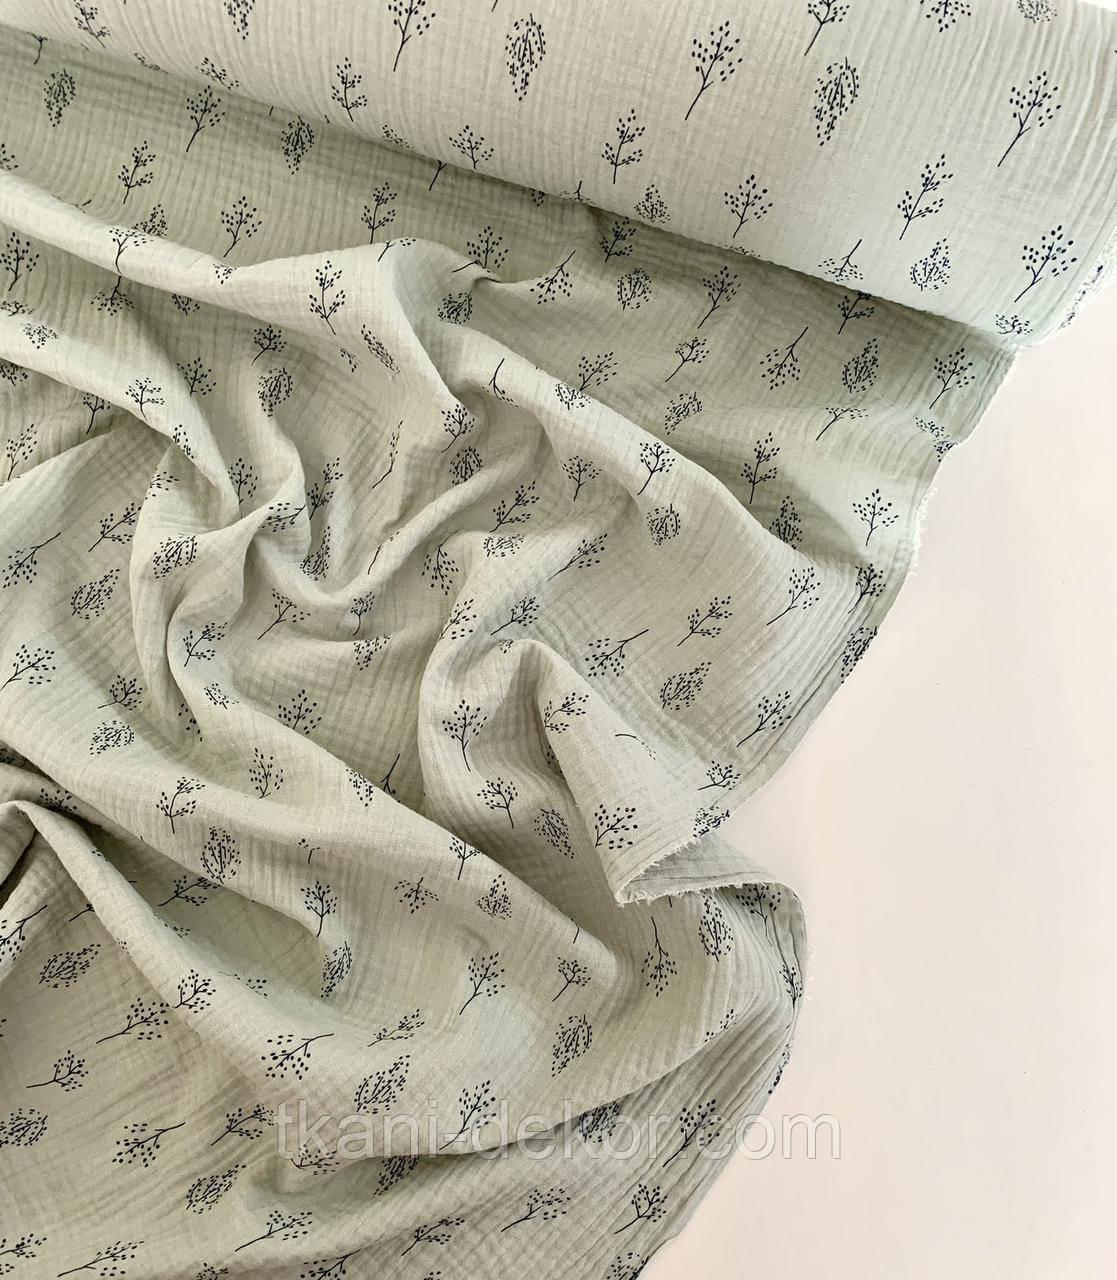 Муслін (бавовняна тканина) гілочки на оливці